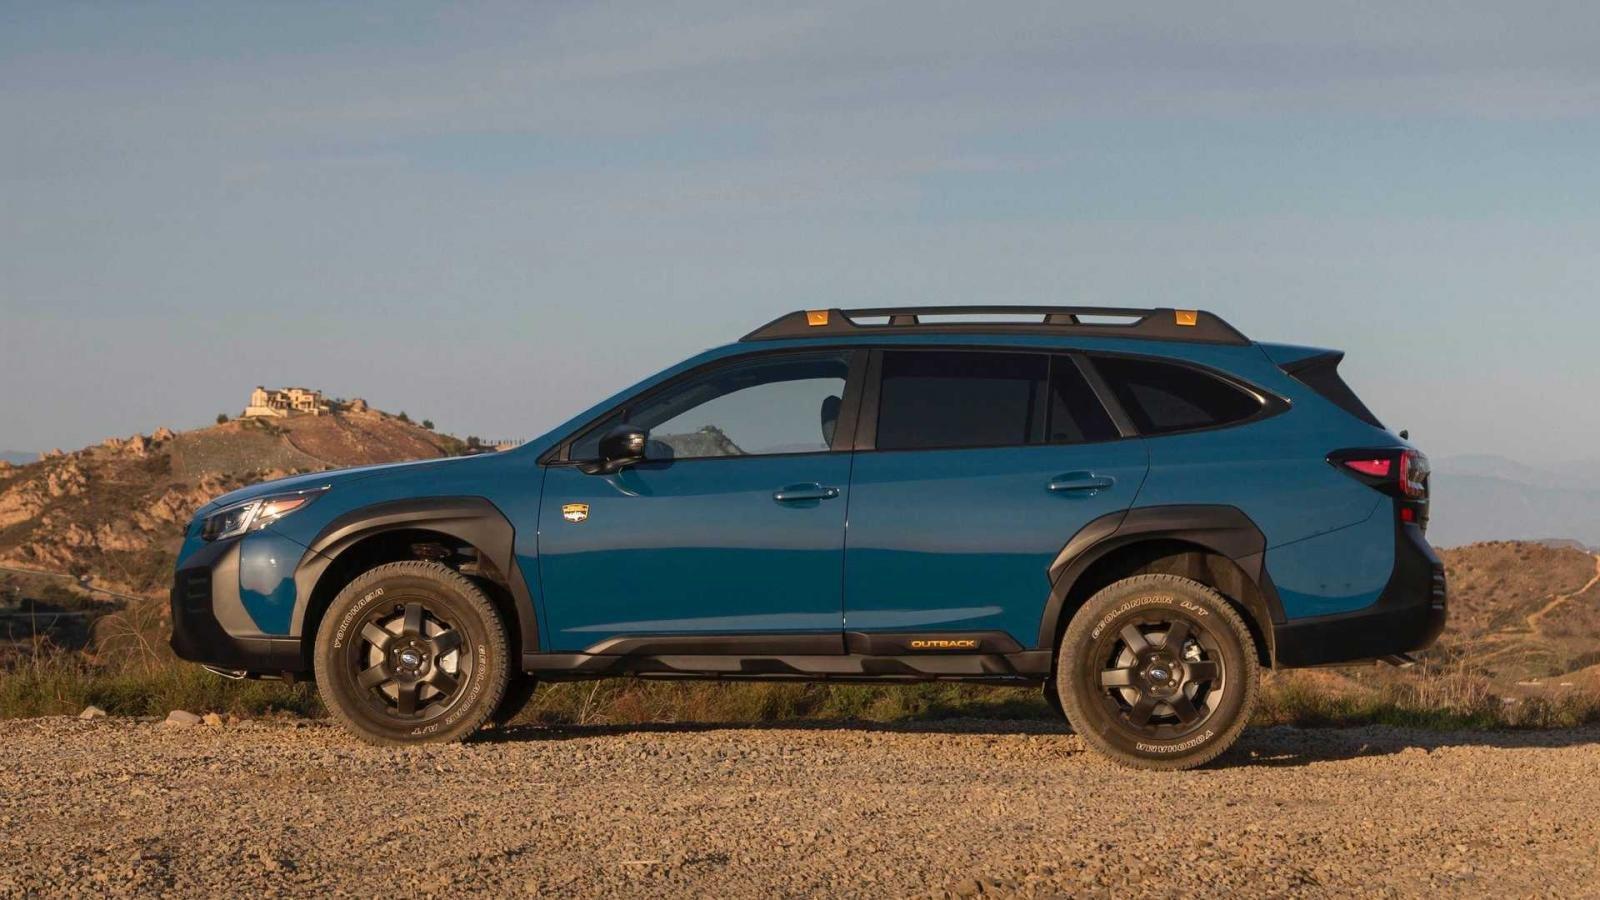 Subaru Outback 2022 Wilderness Edition nâng cao khả năng vượt địa hình.